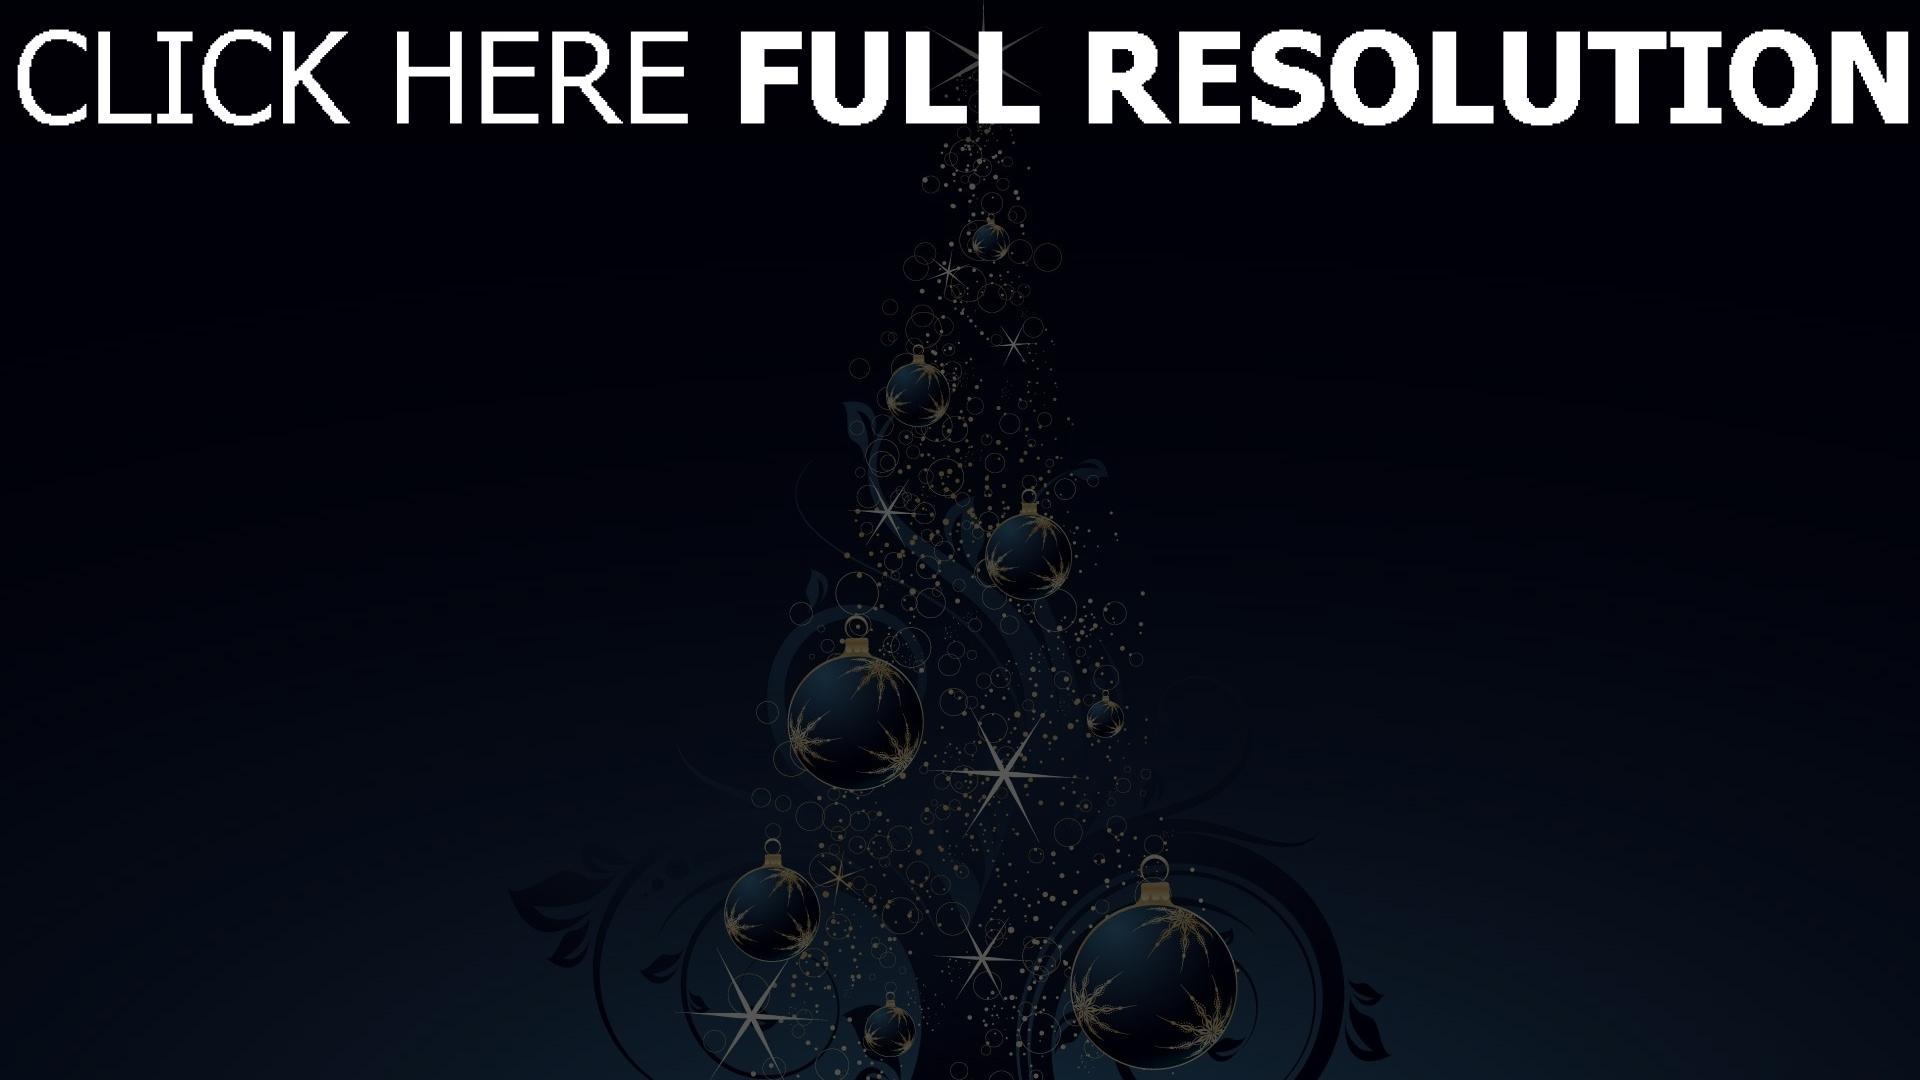 hd hintergrundbilder weihnachten tanne dekoration glitter 1920x1080